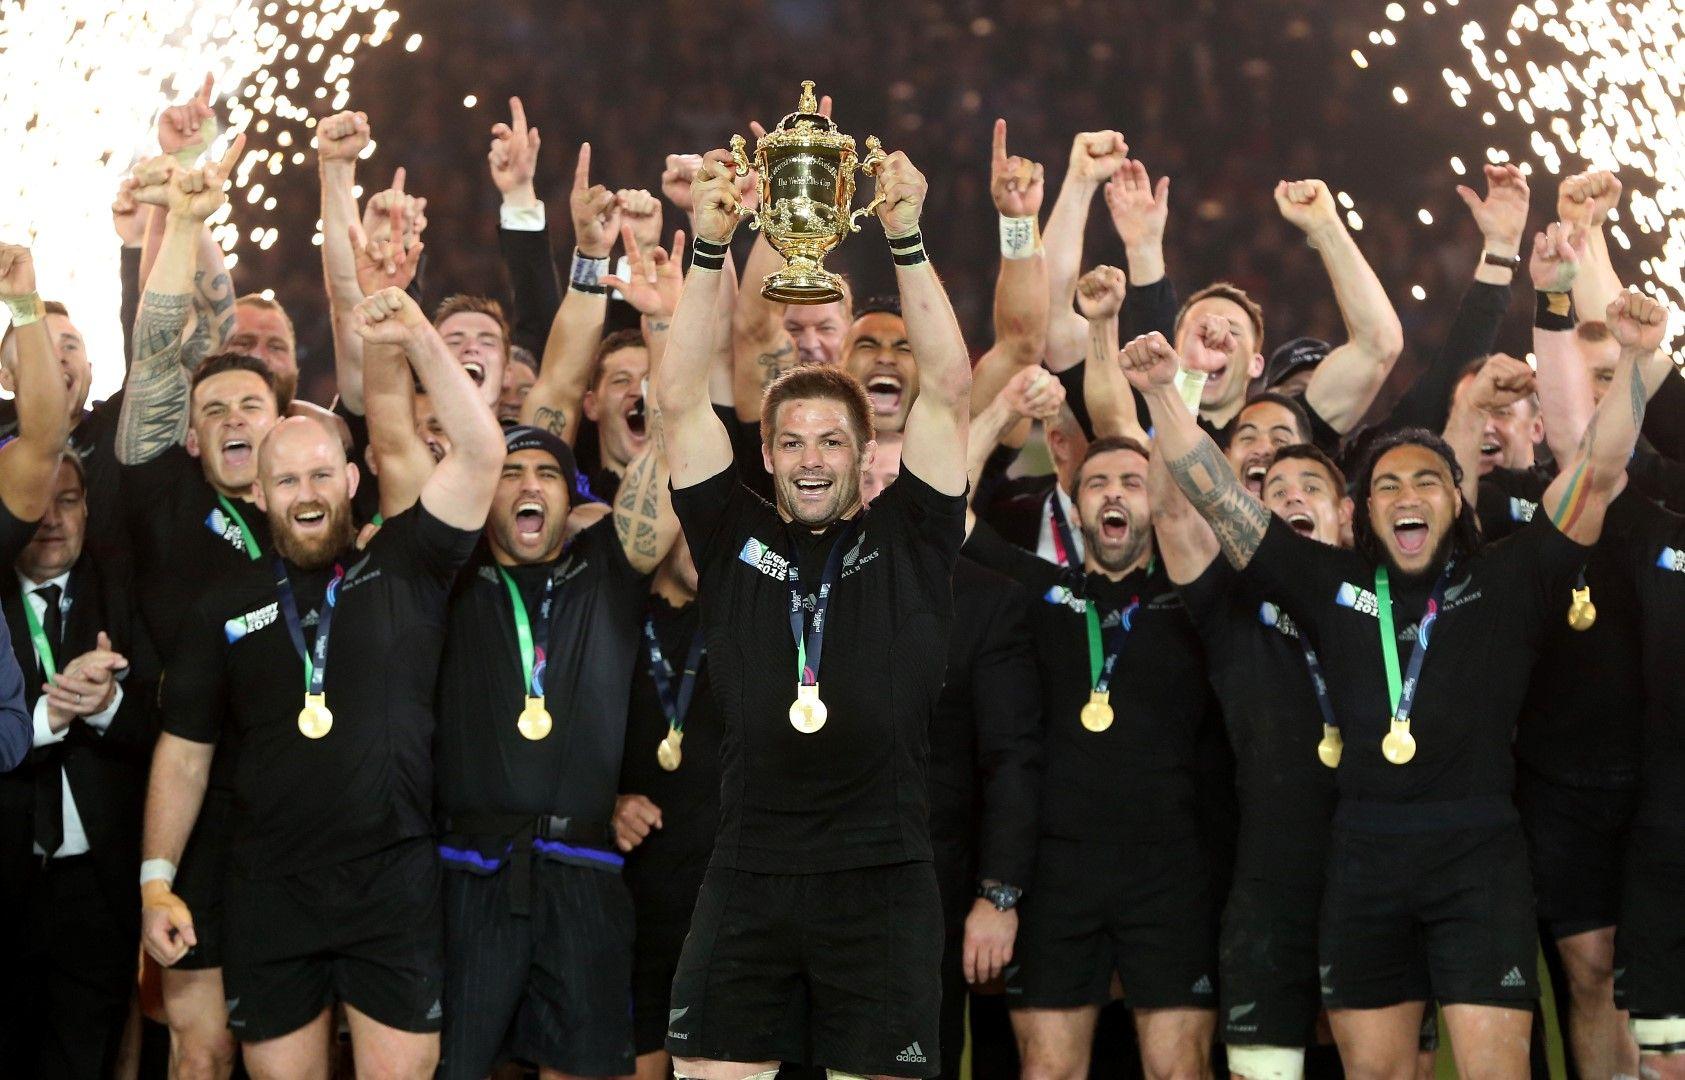 Актуалните шампиони от Нова Зеландия с трофея преди 4 години